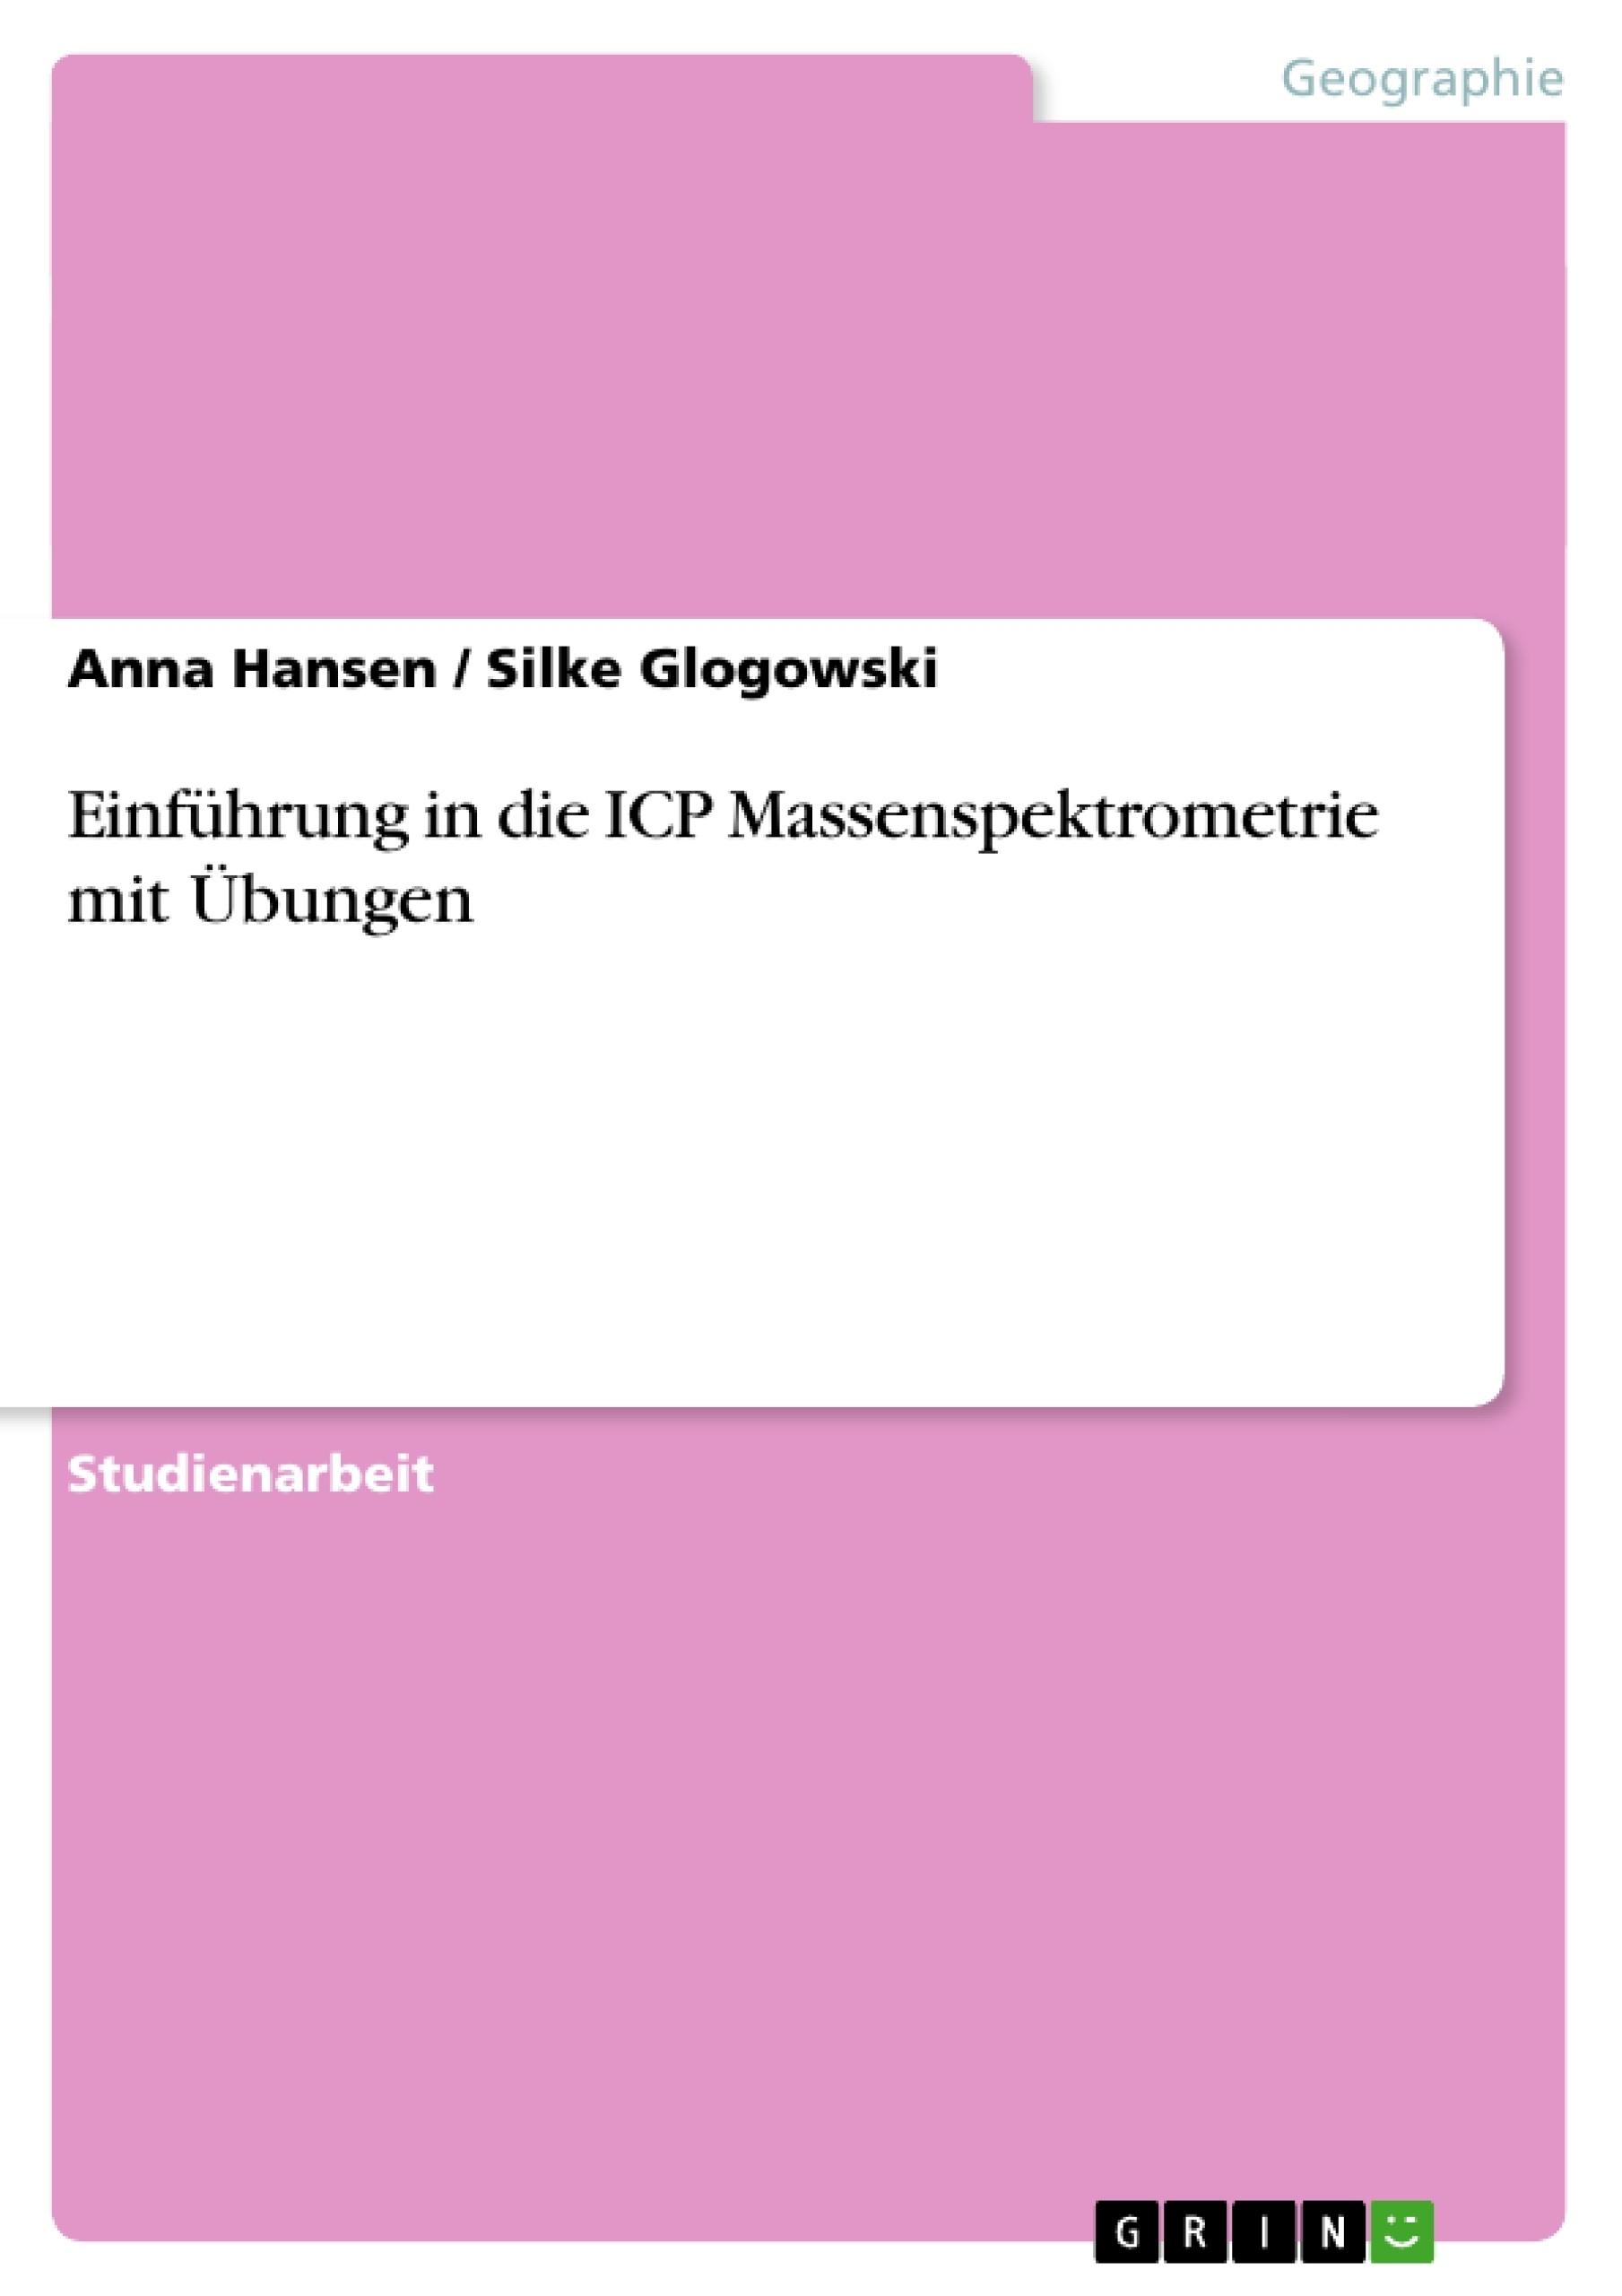 Titel: Einführung in die ICP Massenspektrometrie mit Übungen